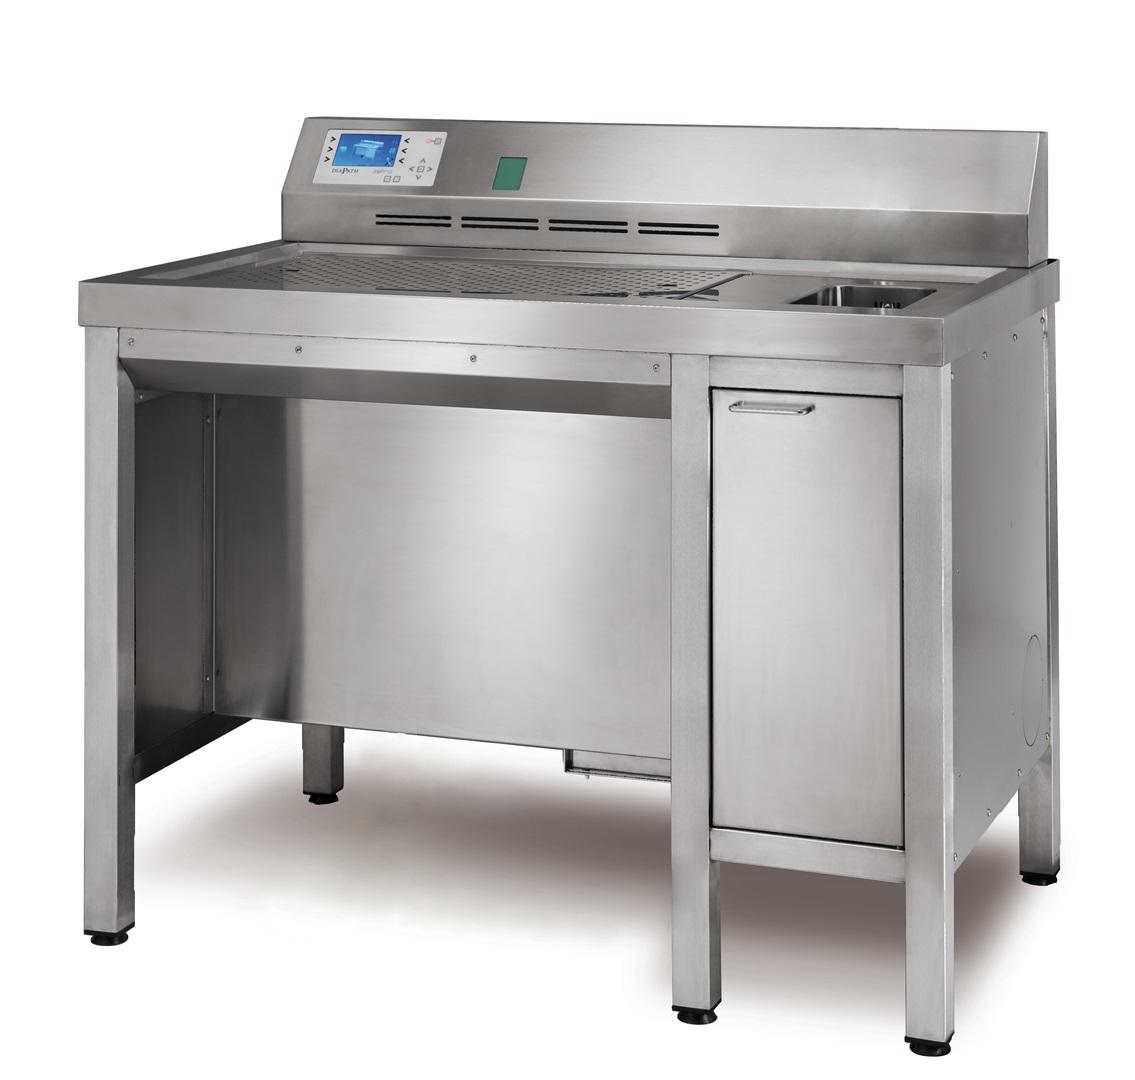 Ventilated dissecting workbech Zefiro 120